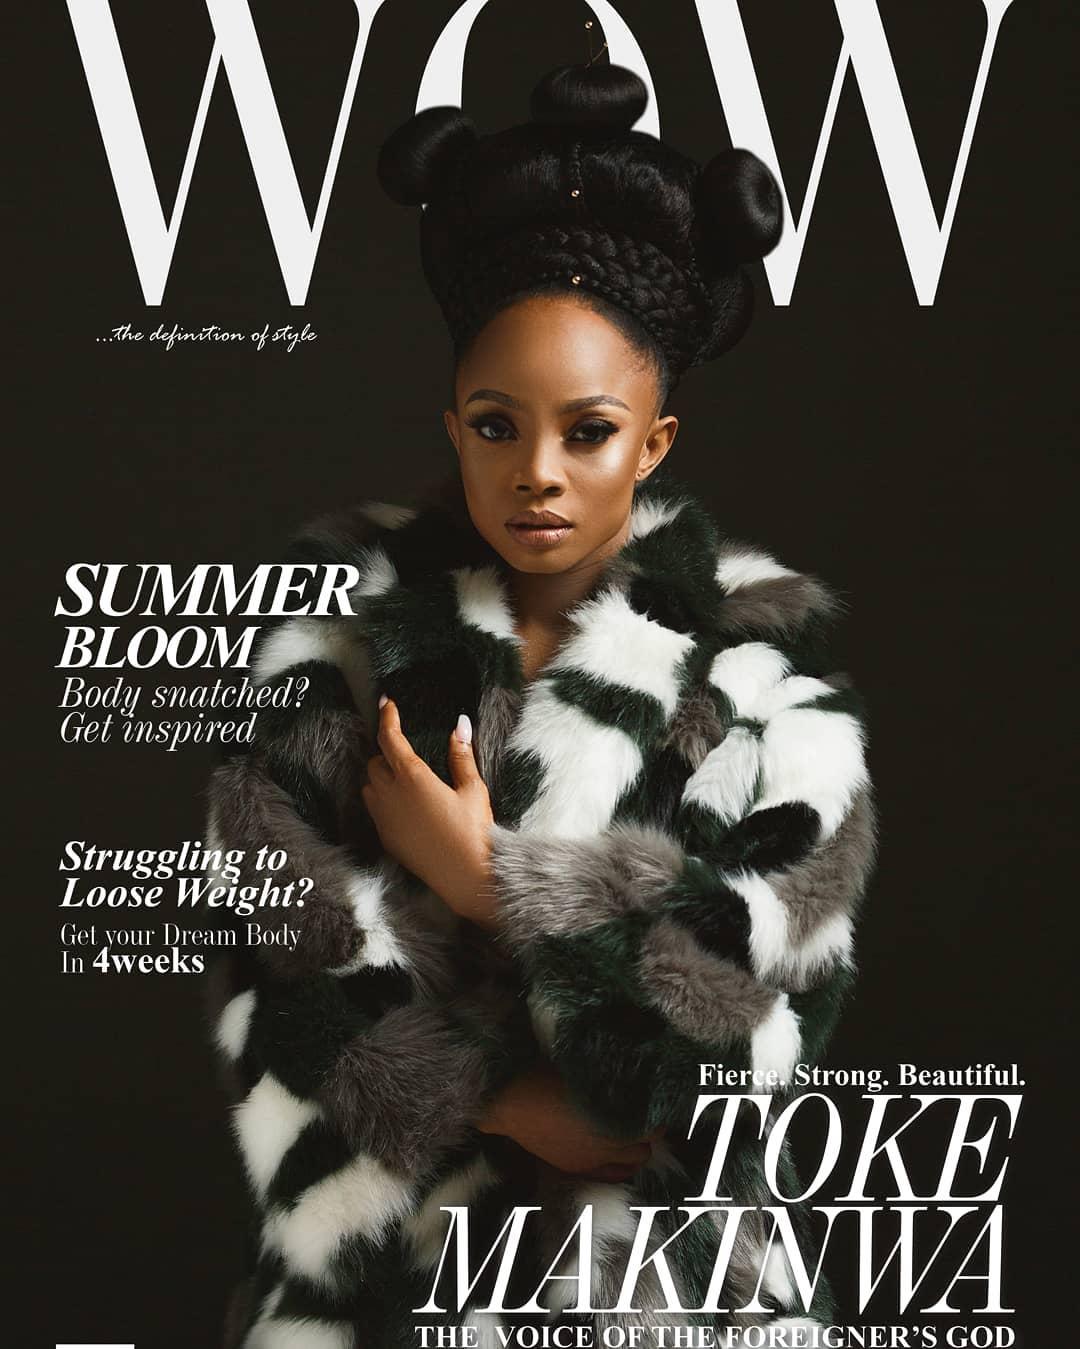 toke-makinwa-wow-magazine